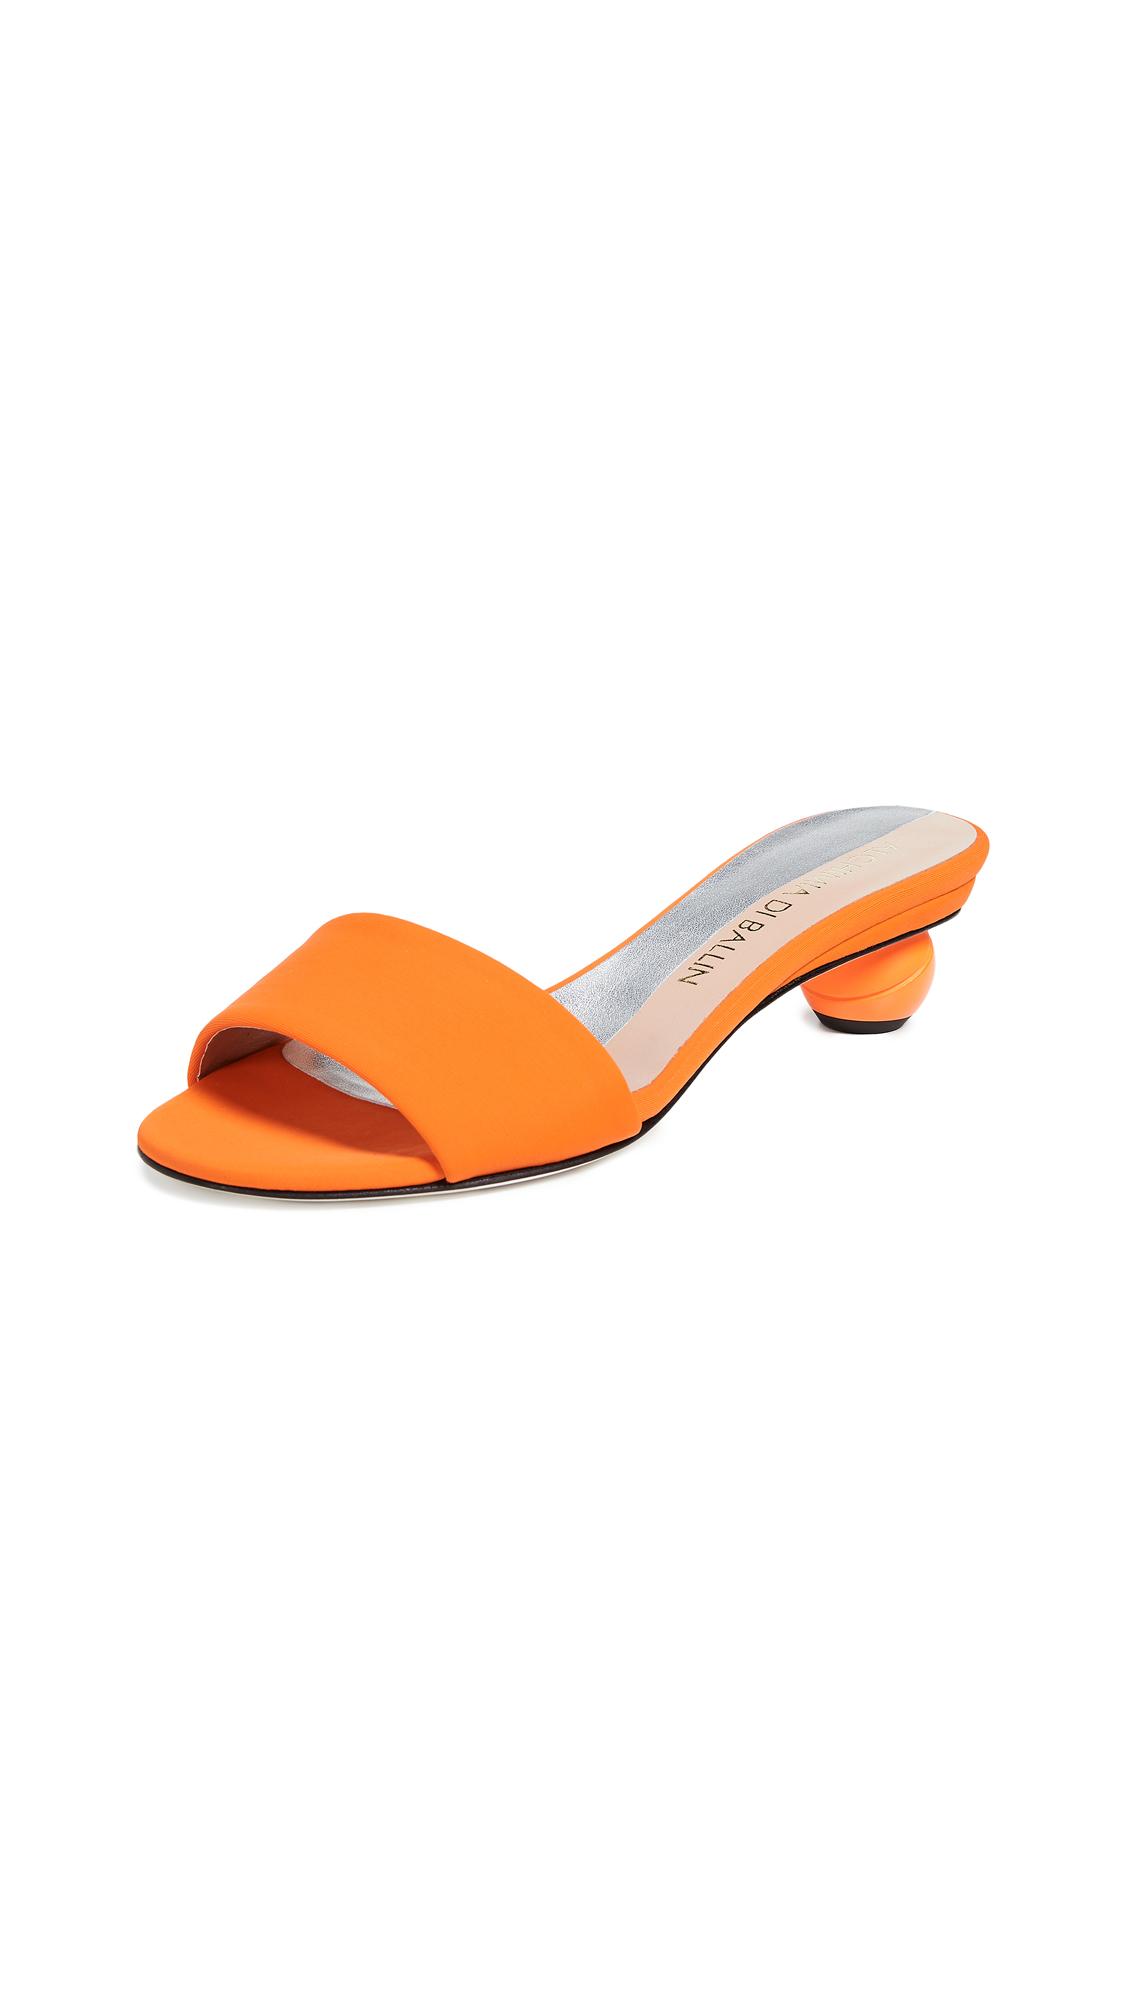 ALCHIMIA DI BALLIN Neoprene Slides in Orange